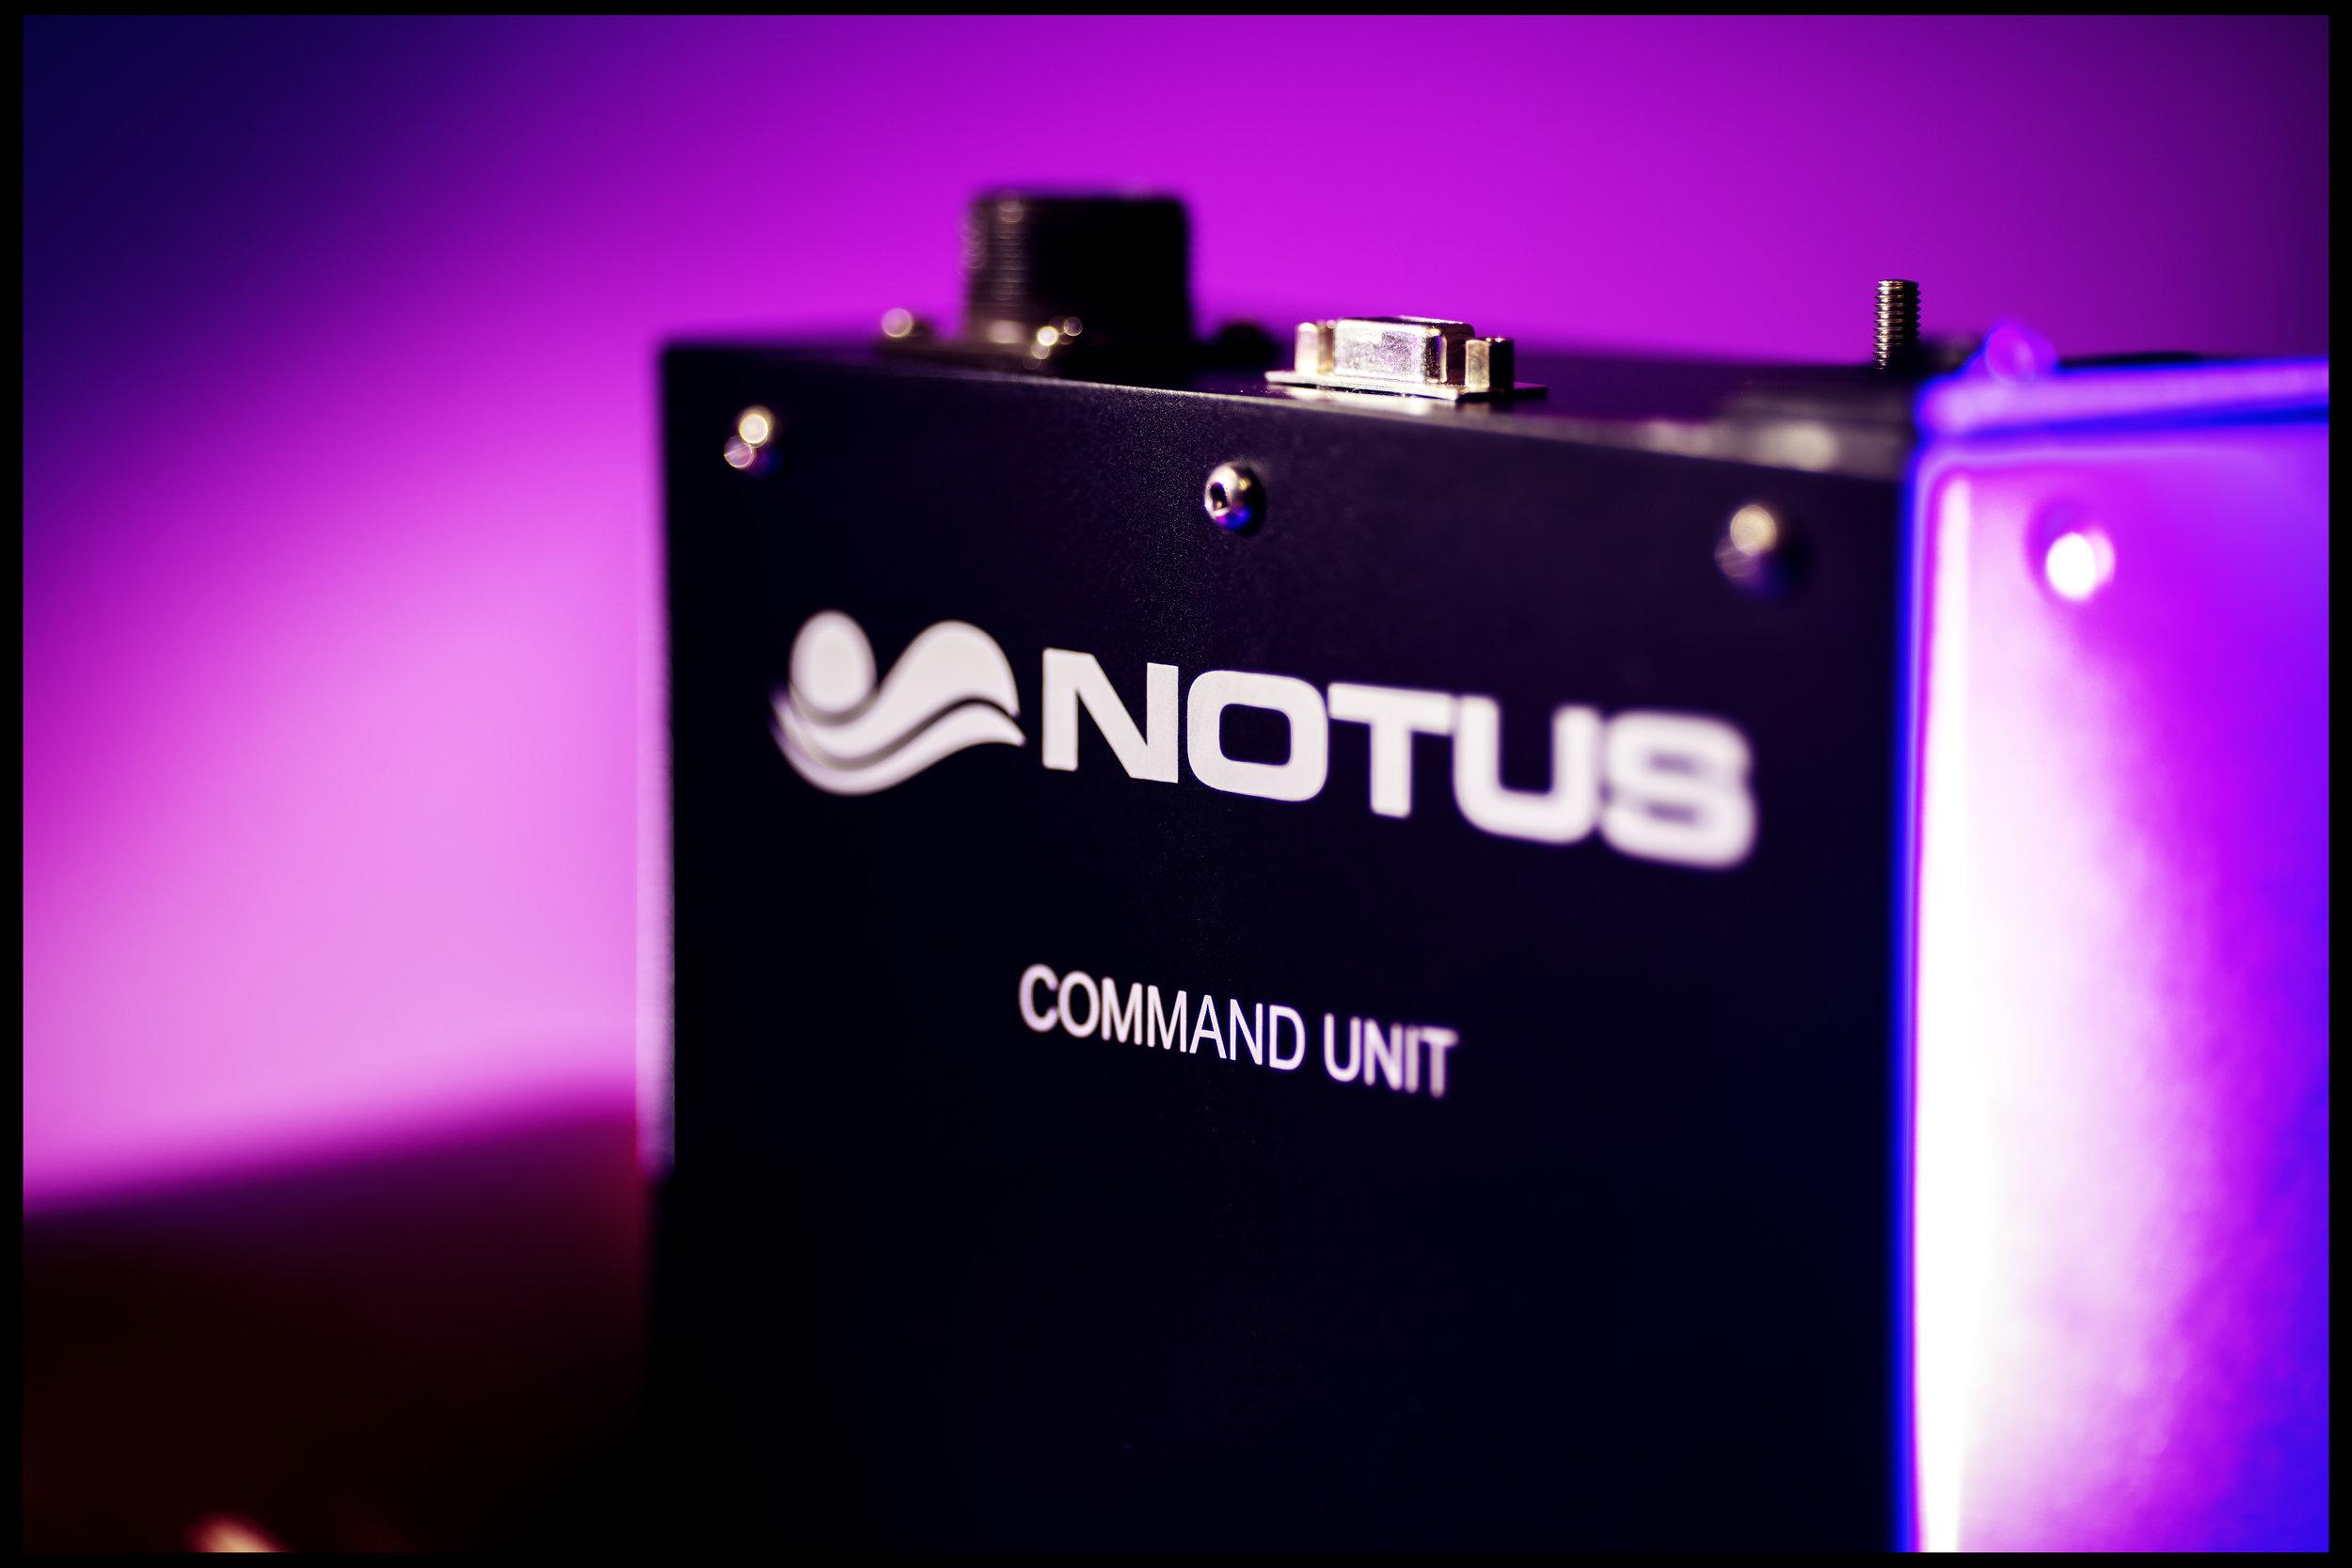 Notus Command Unit